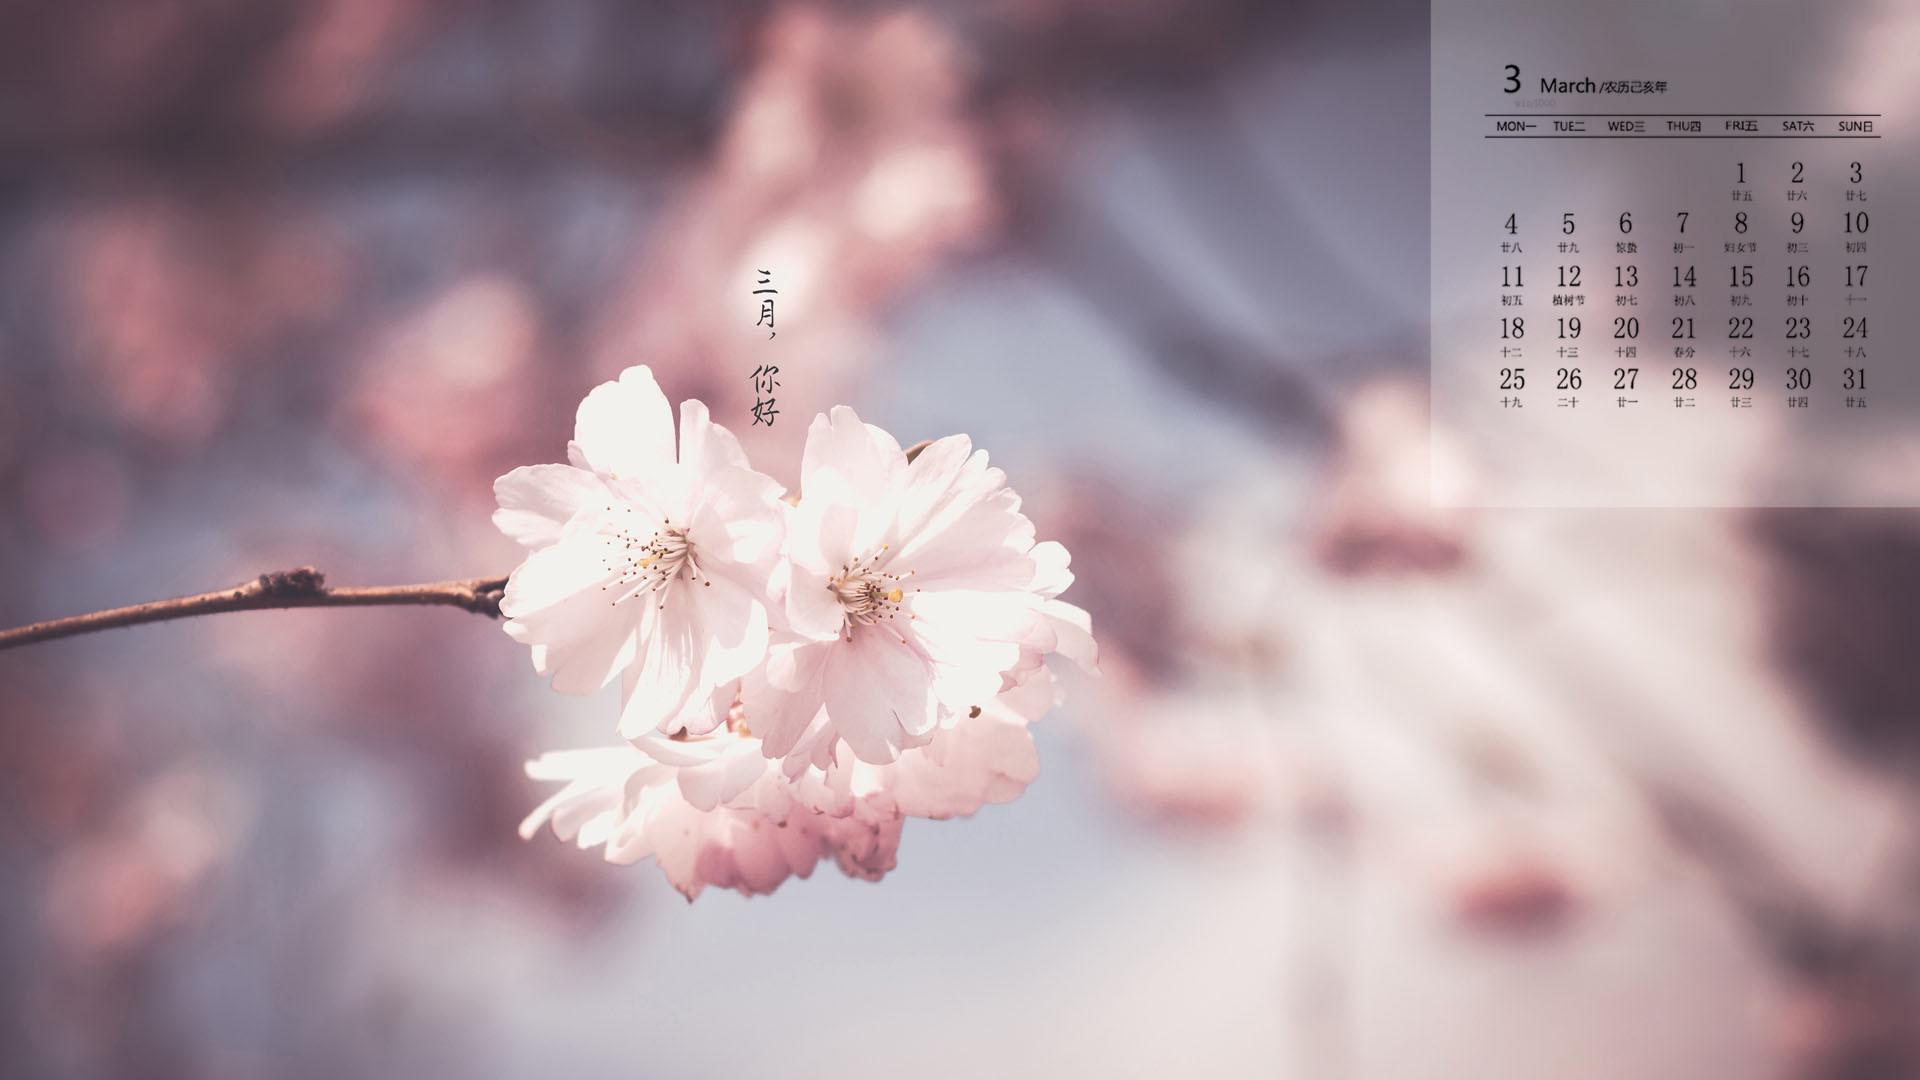 唯美春季绿植风光图片日历壁纸